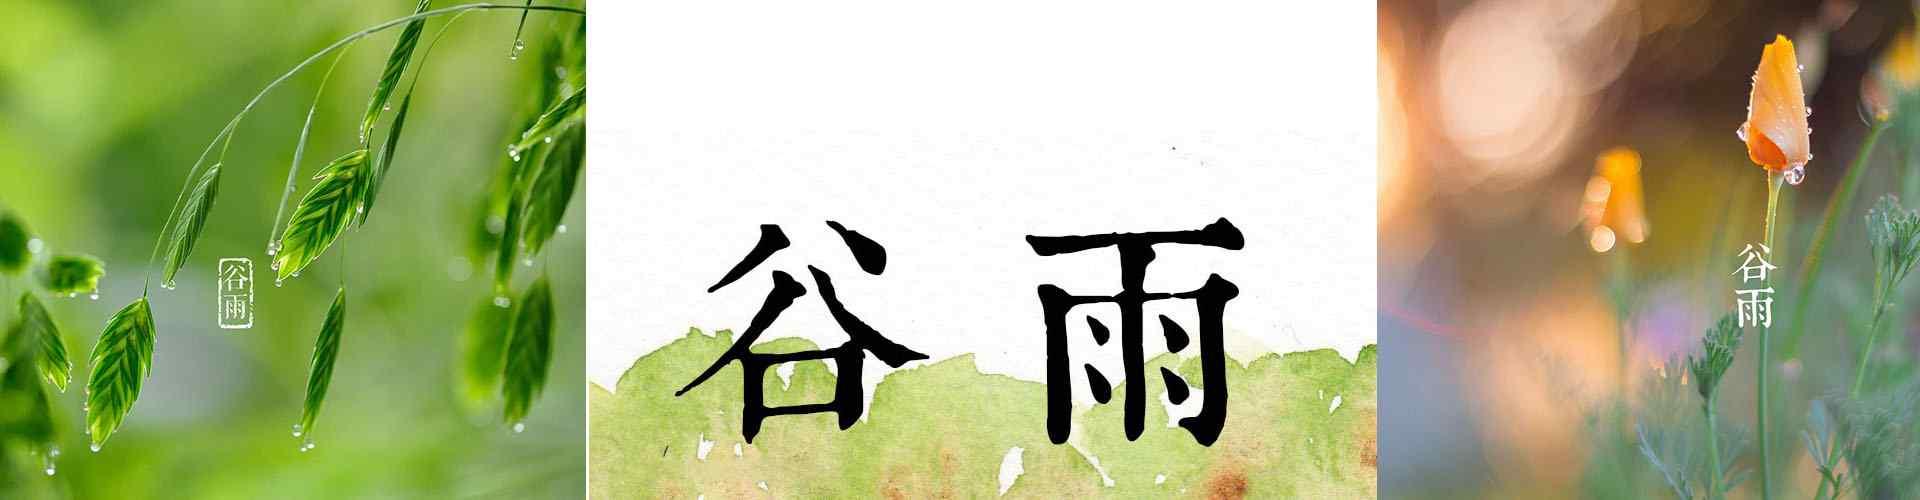 2017年谷雨节气_谷雨节气图片_二十四节气图片_谷雨习俗图片_谷雨手机壁纸、桌面壁纸_节气图片大全